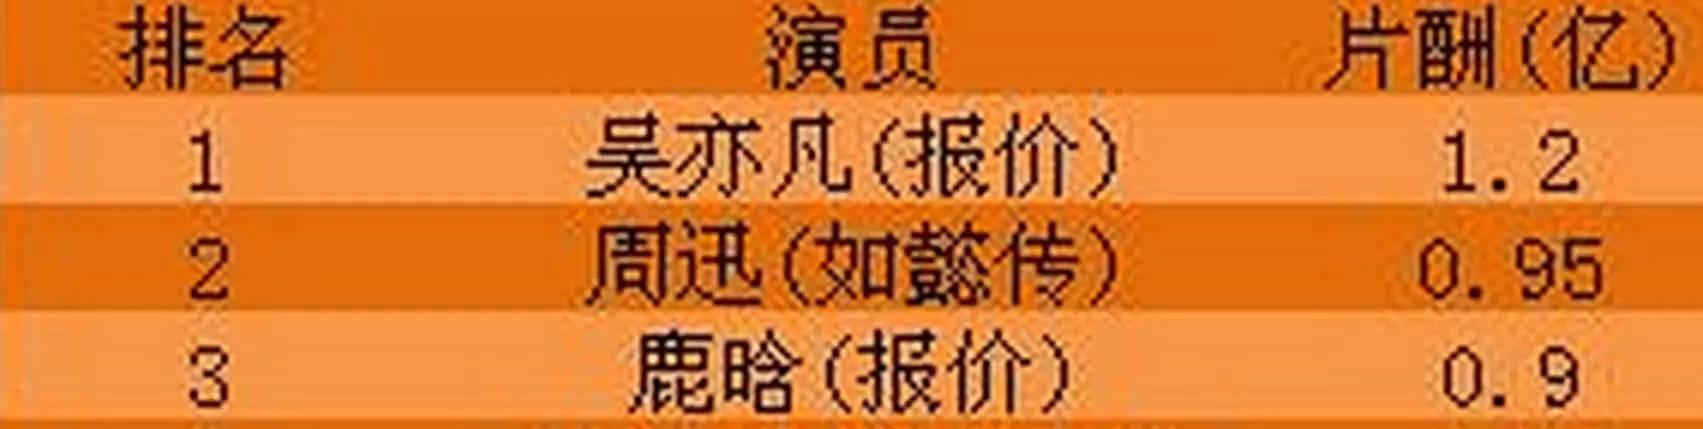 赌大小必赢技巧:王俊凯真实身高是多少 王俊凯身高已经超过鹿晗了吗?